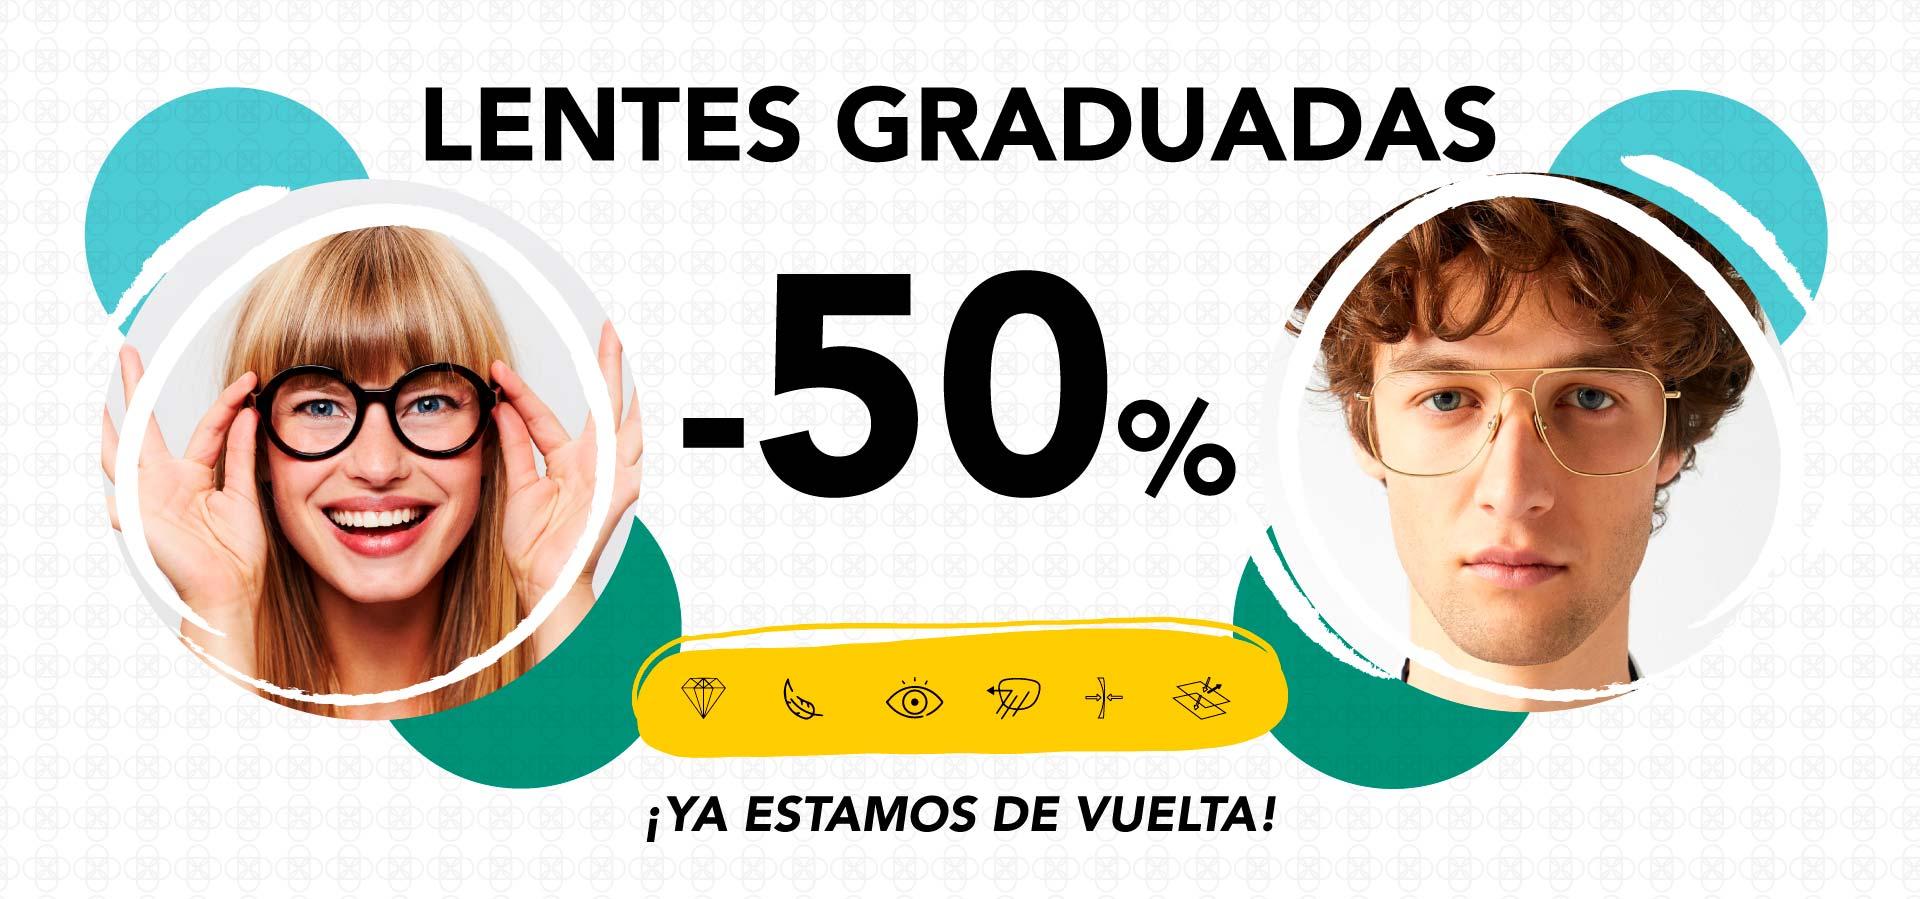 Lentes Graduadas -50% Descuento